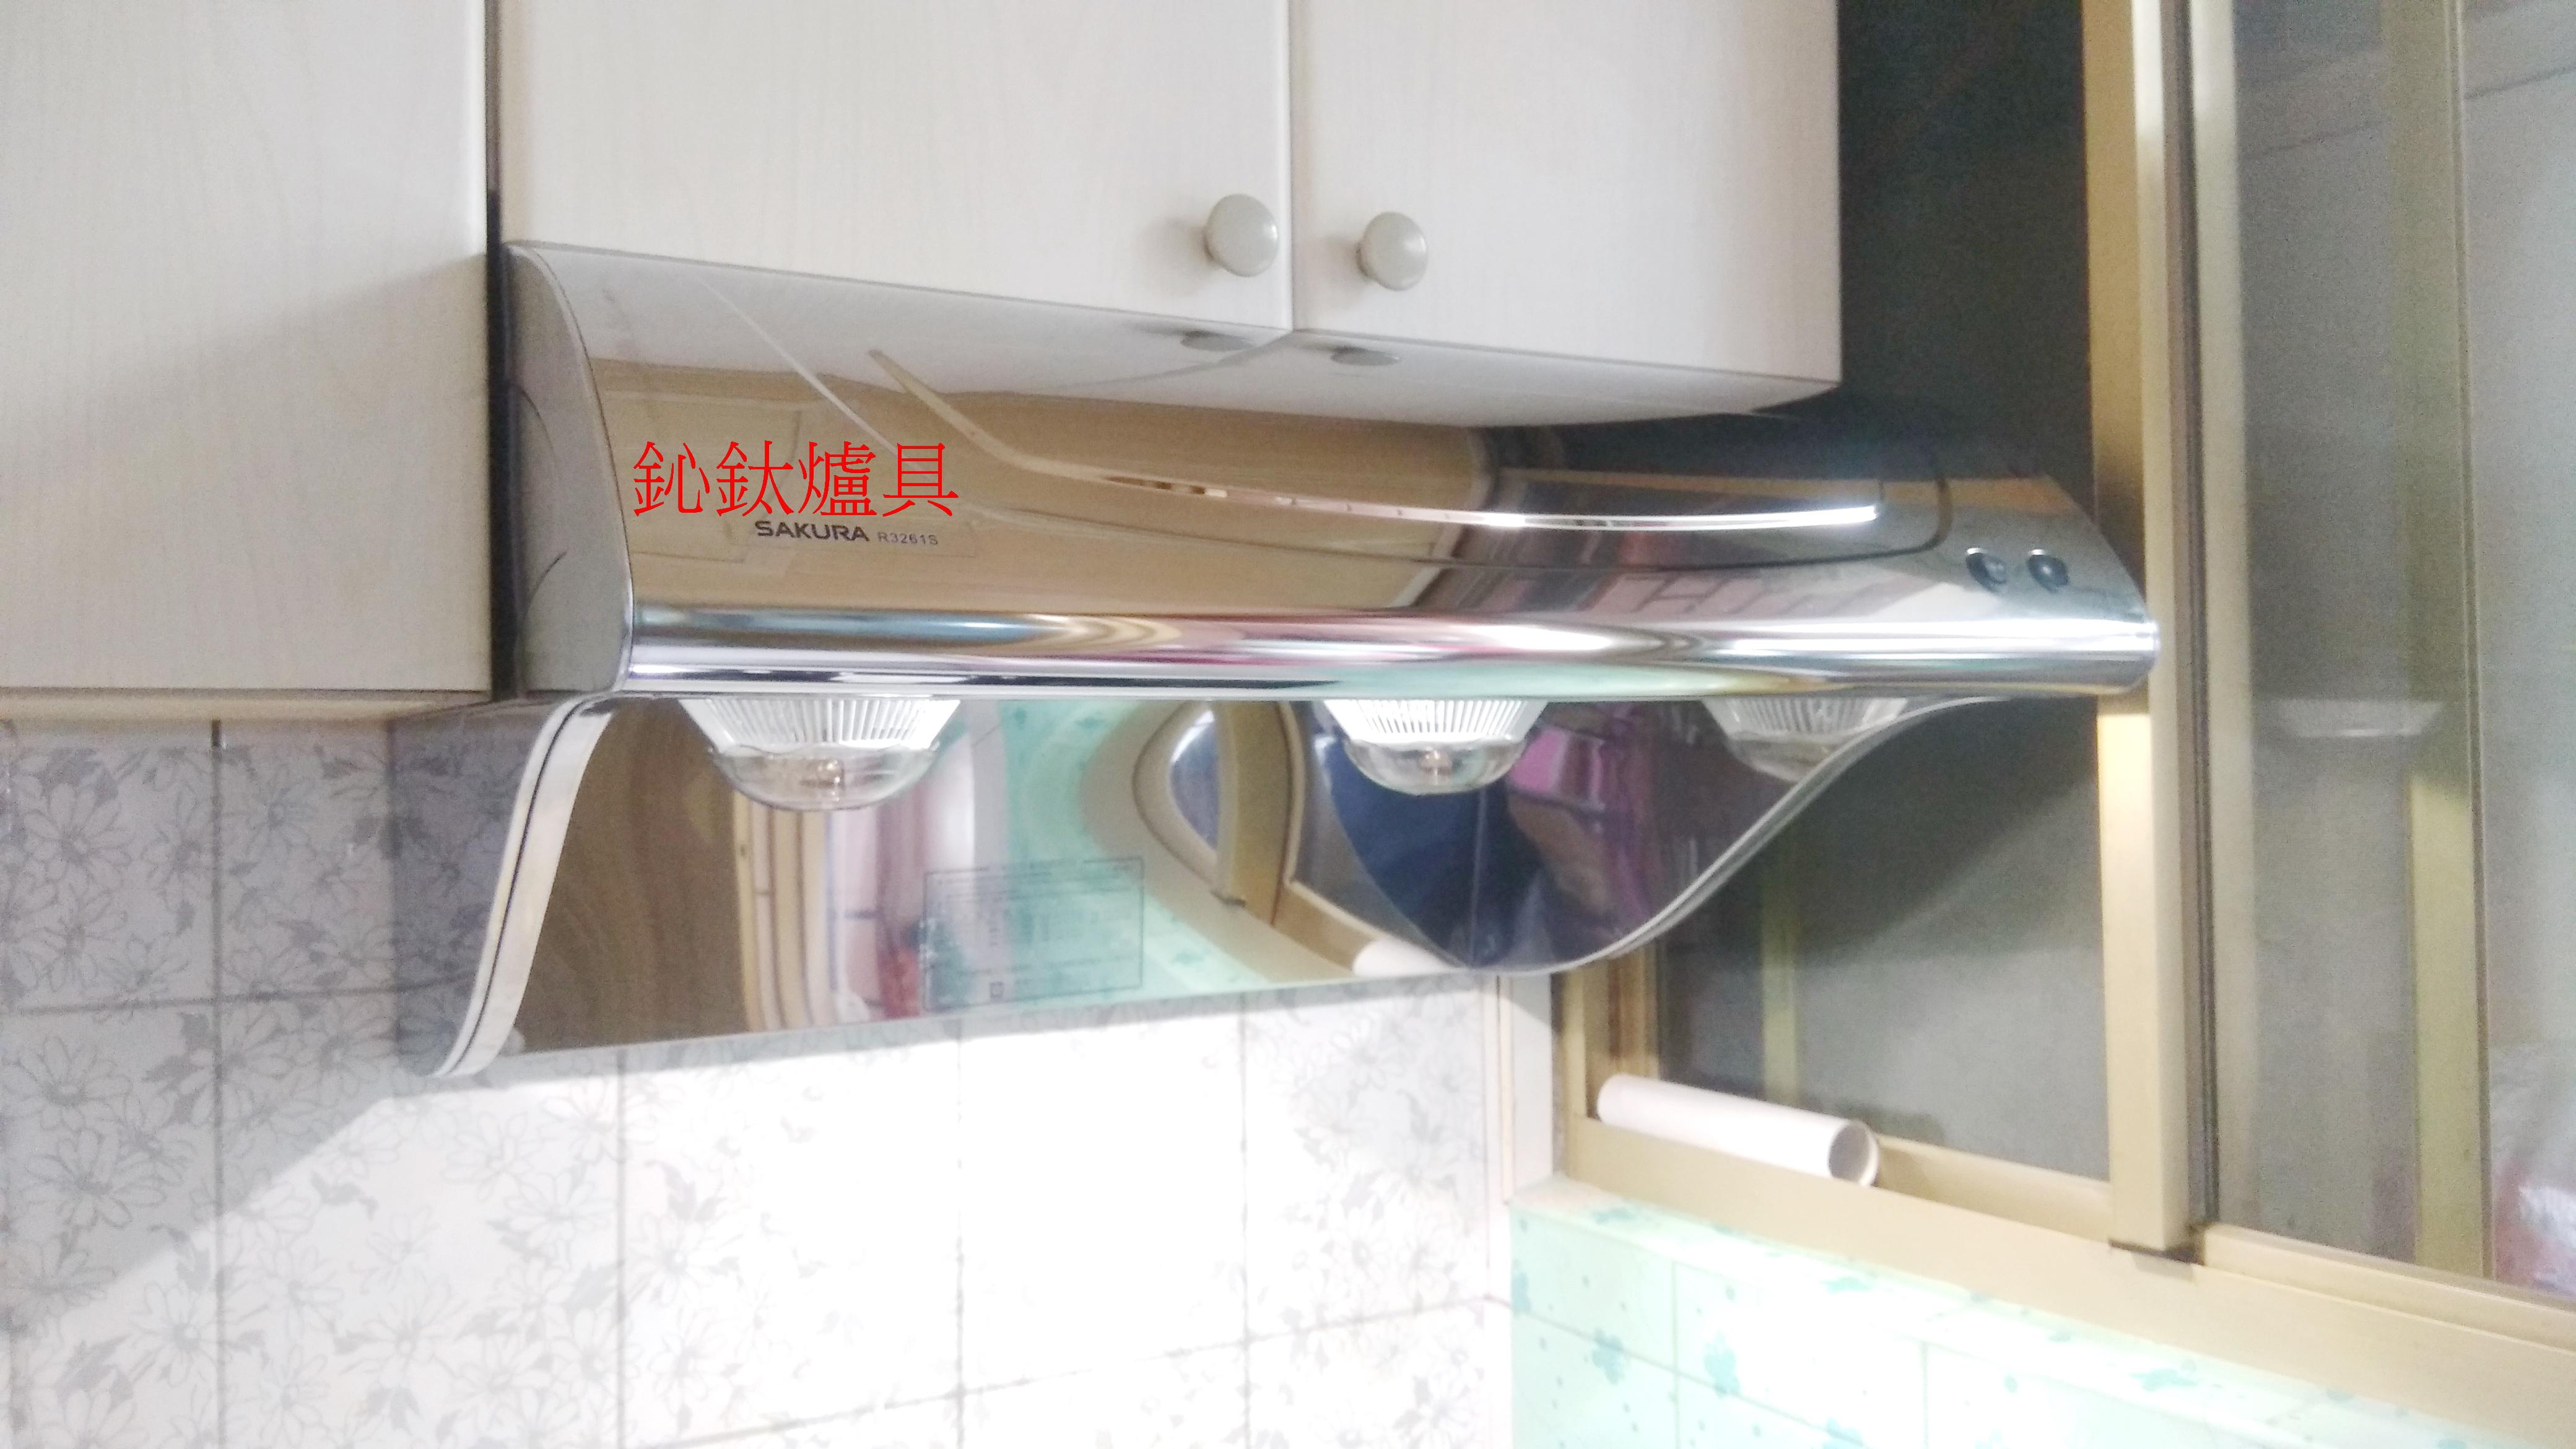 櫻花排油煙機R3261SXL斜背式除油煙機(高速雙渦輪)(90CM).jpg